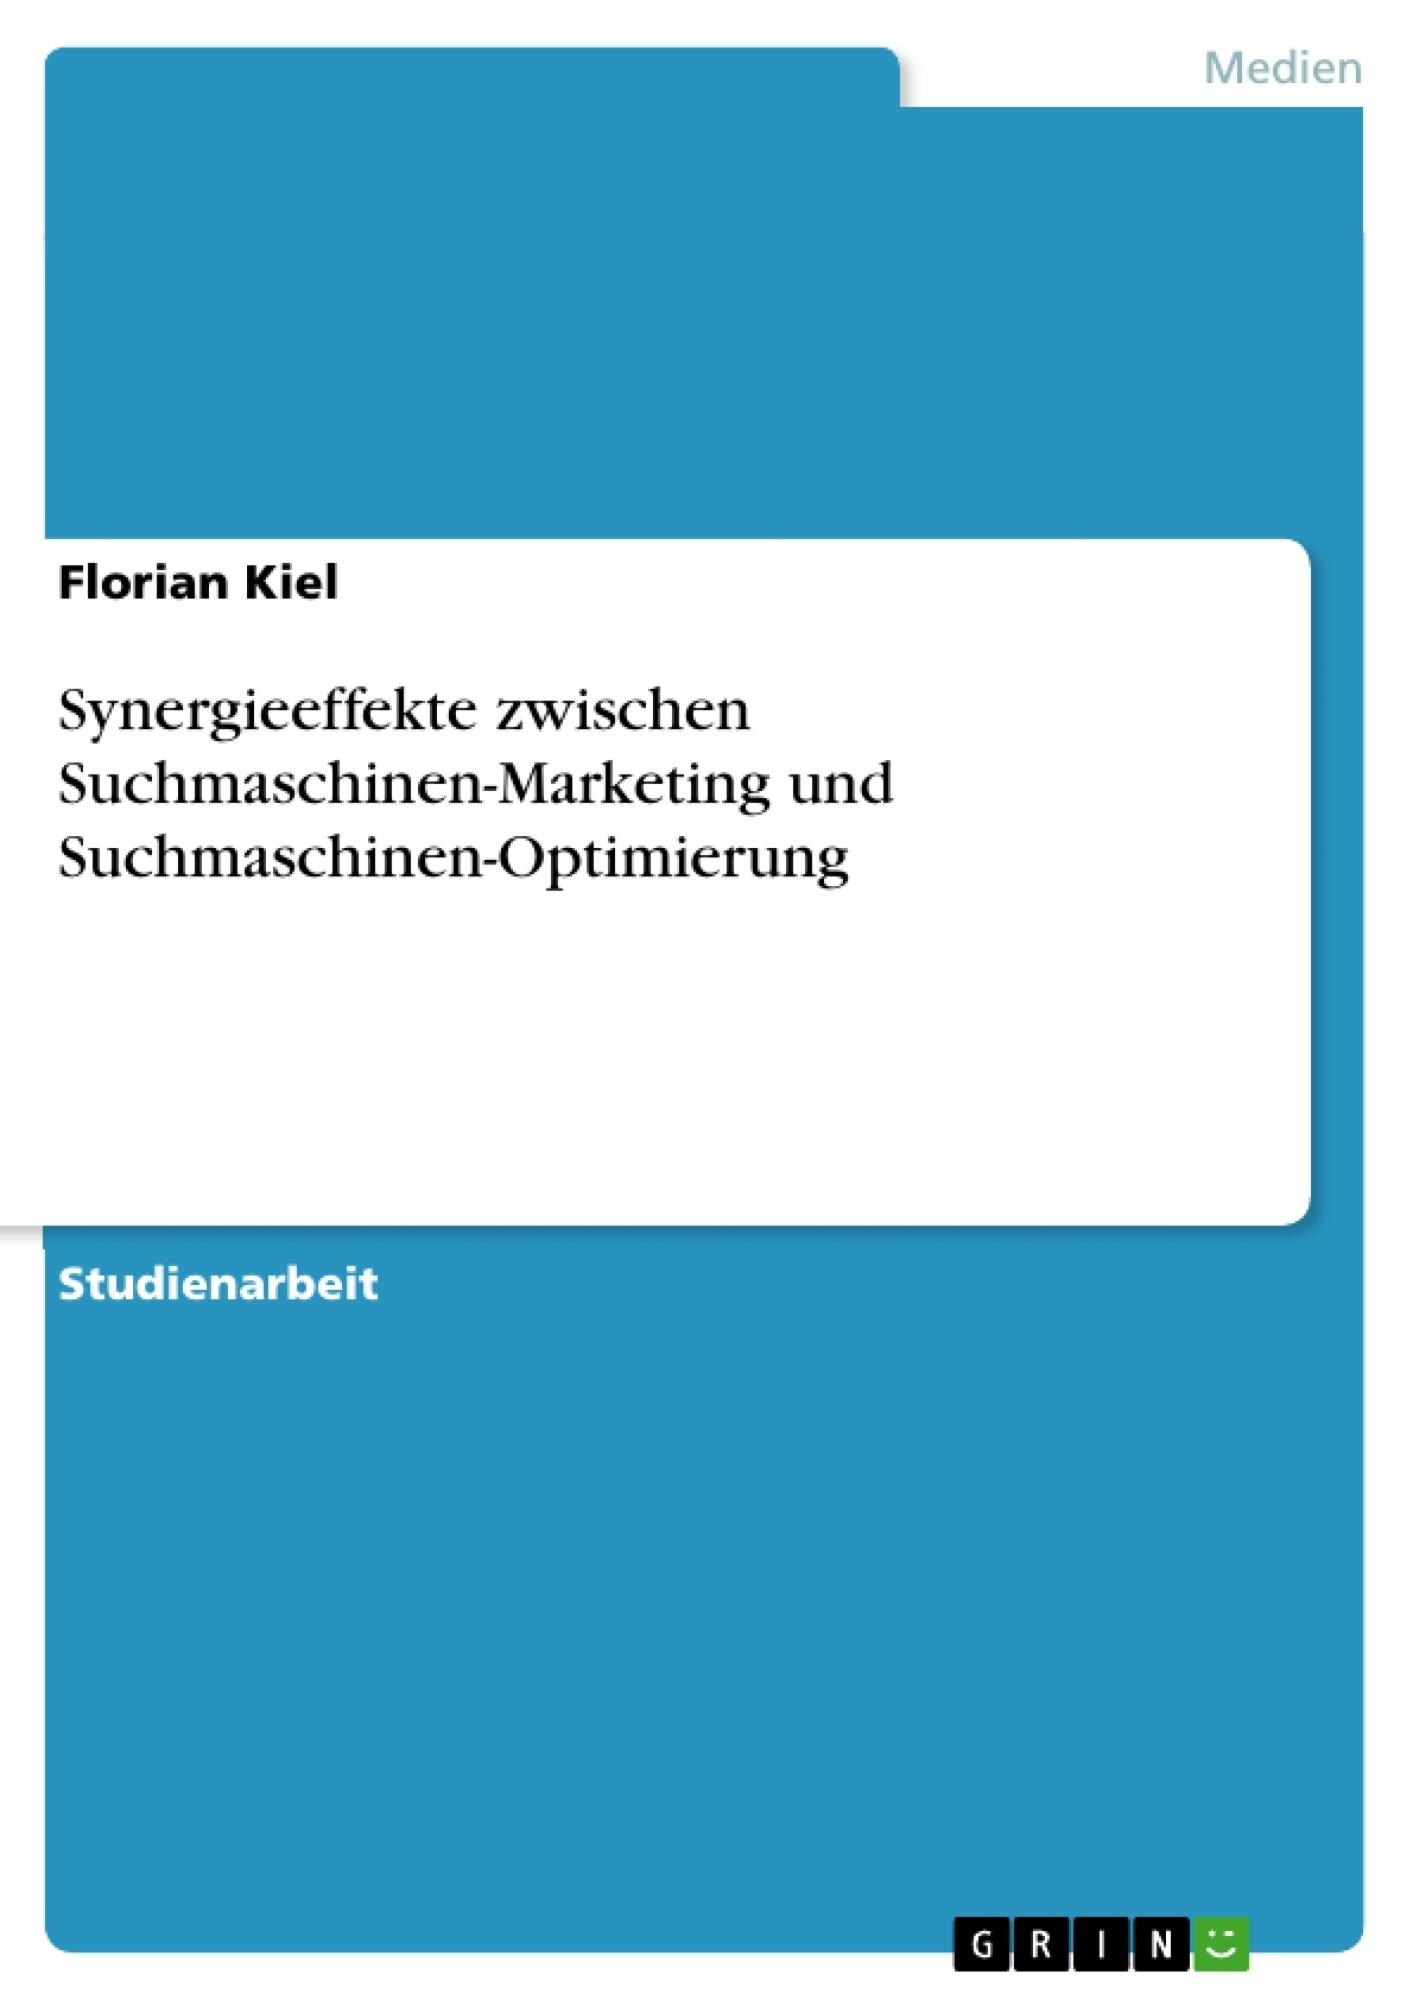 Titel: Synergieeffekte zwischen Suchmaschinen-Marketing und Suchmaschinen-Optimierung